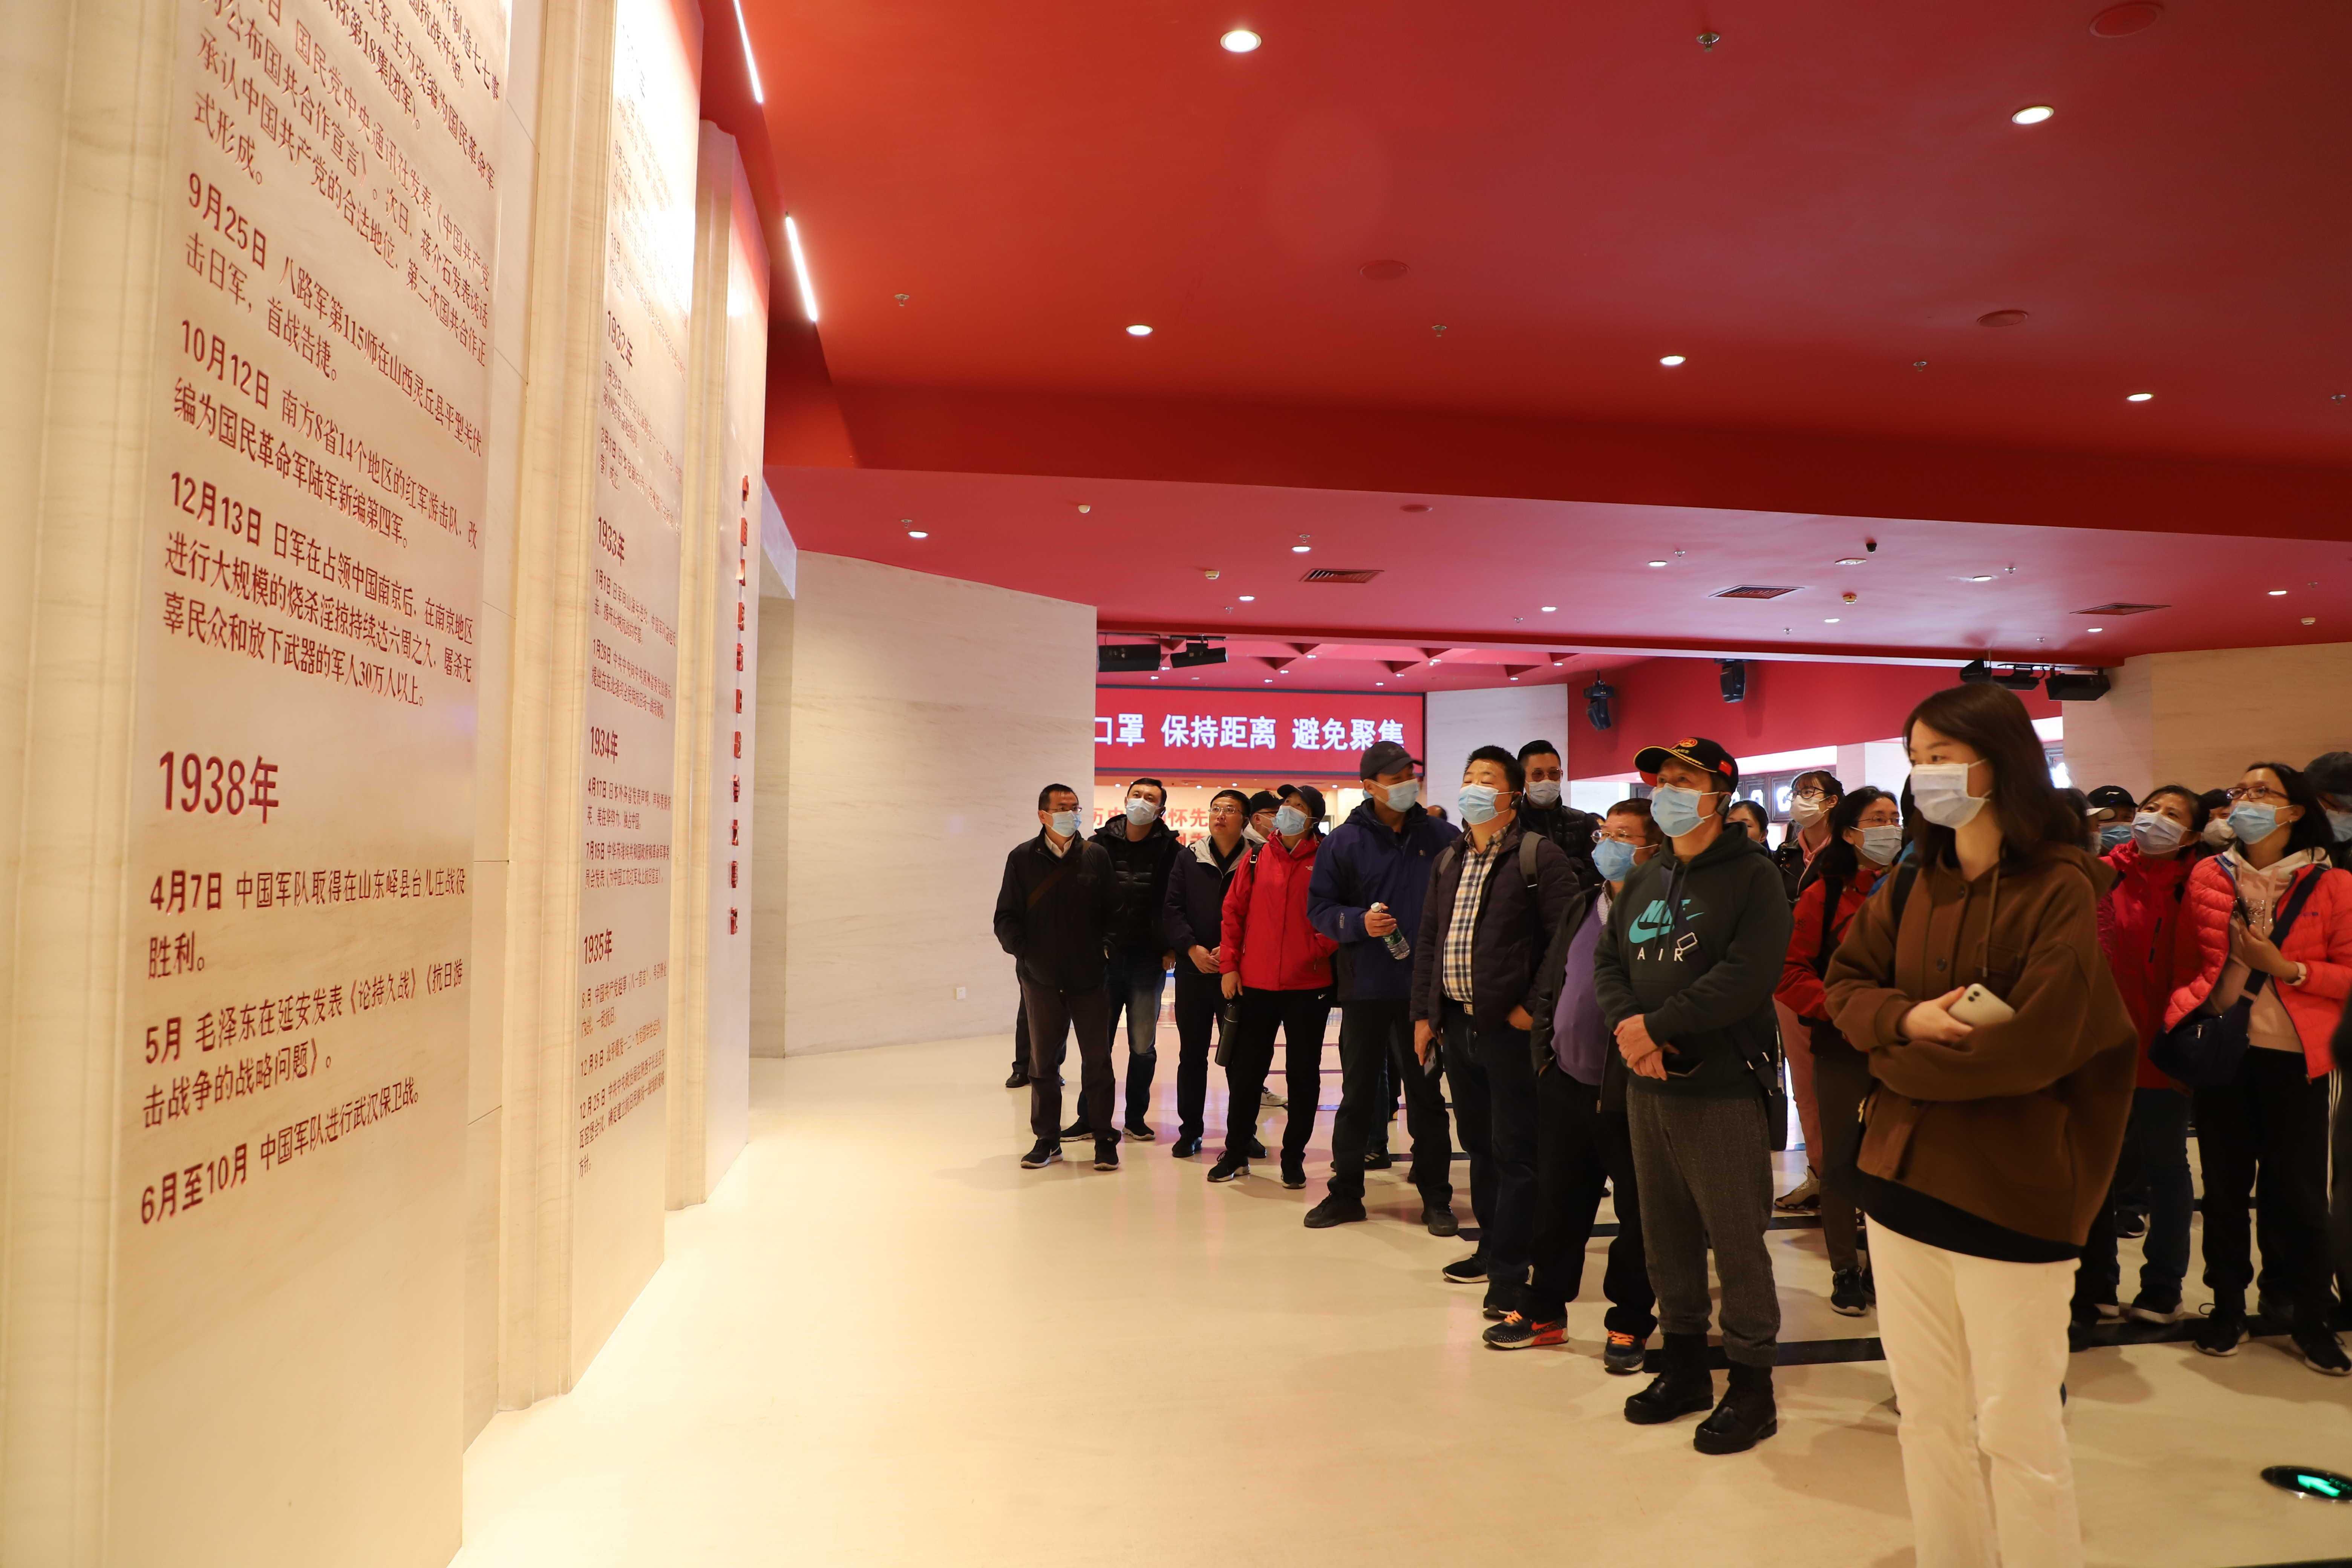 北京市西城区退役军人服务中心开展爱国主义教育系列活动